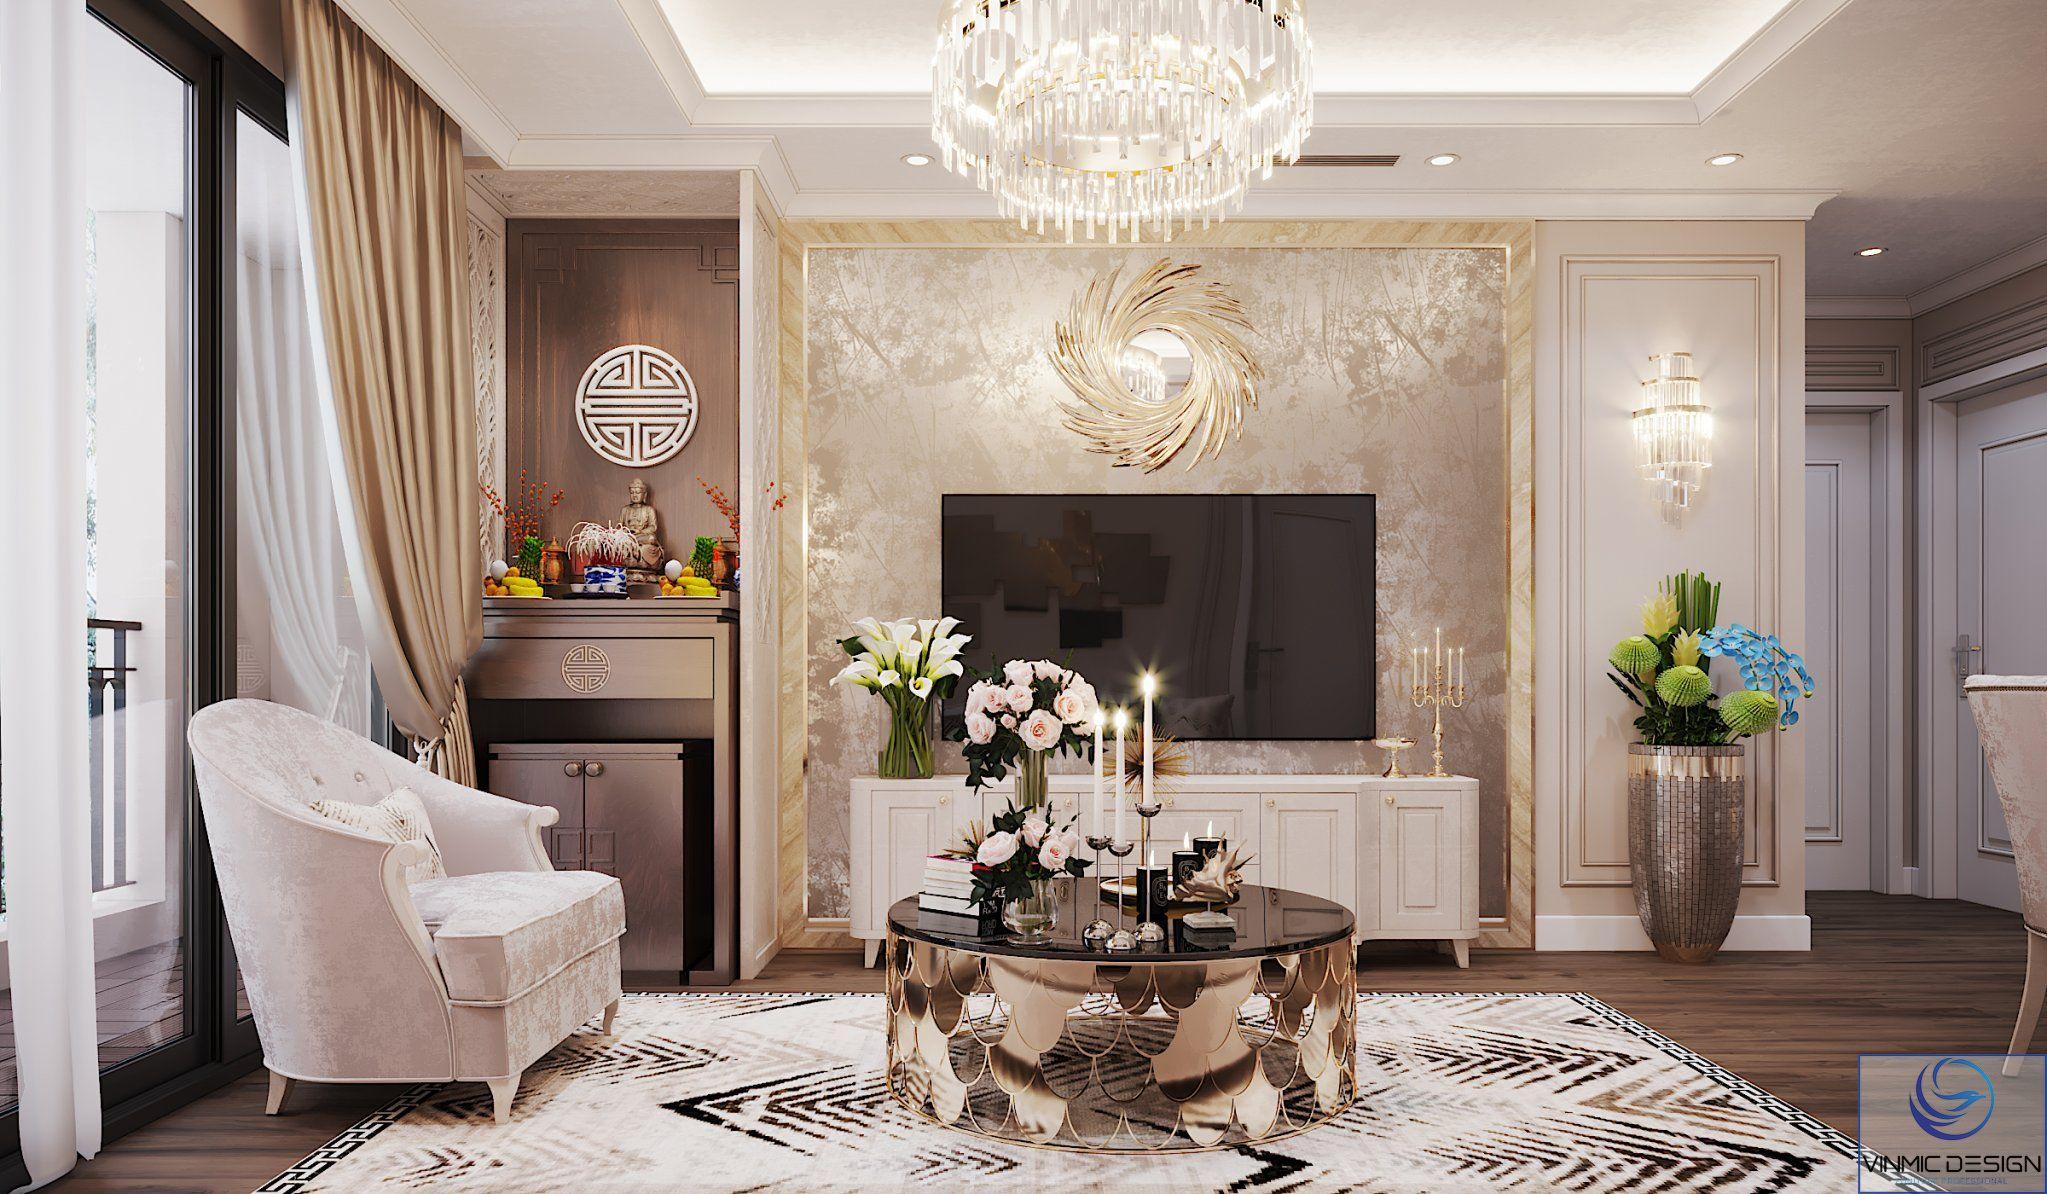 Thiết kế phòng khách tân cổ điển với đường nét cực đẹp